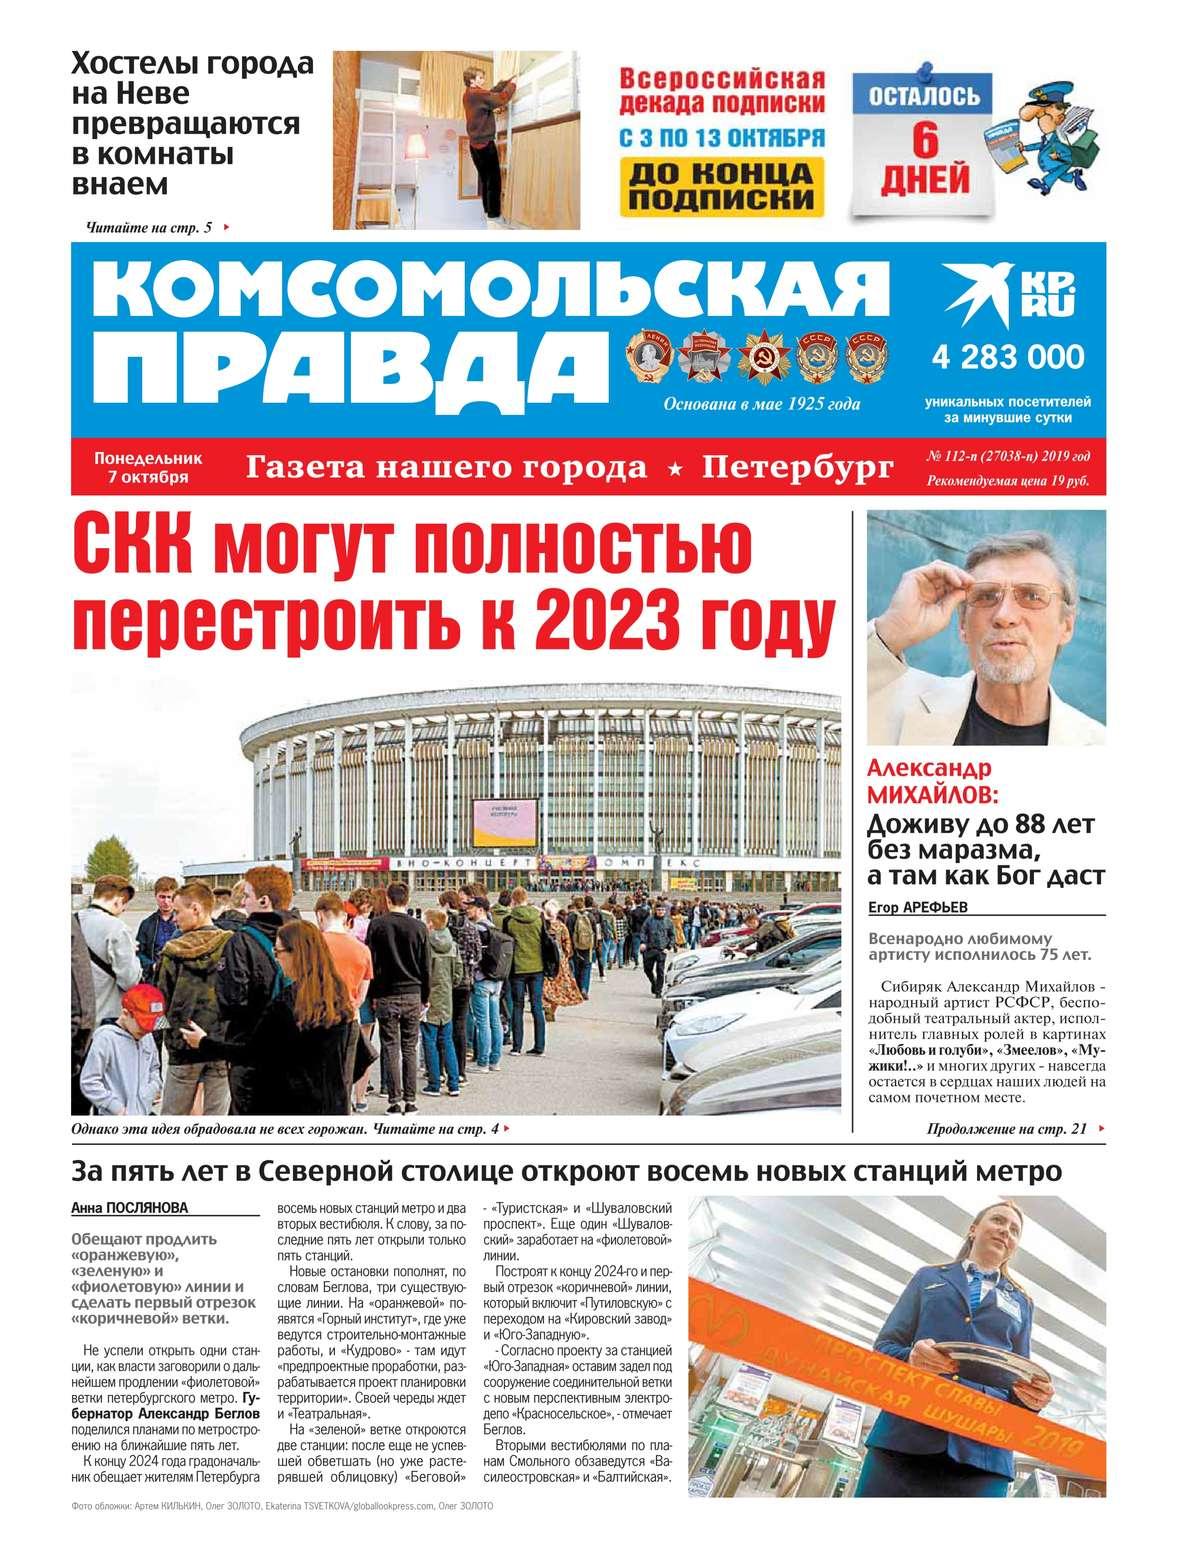 Комсомольская Правда. Санкт-Петербург 112п-2019